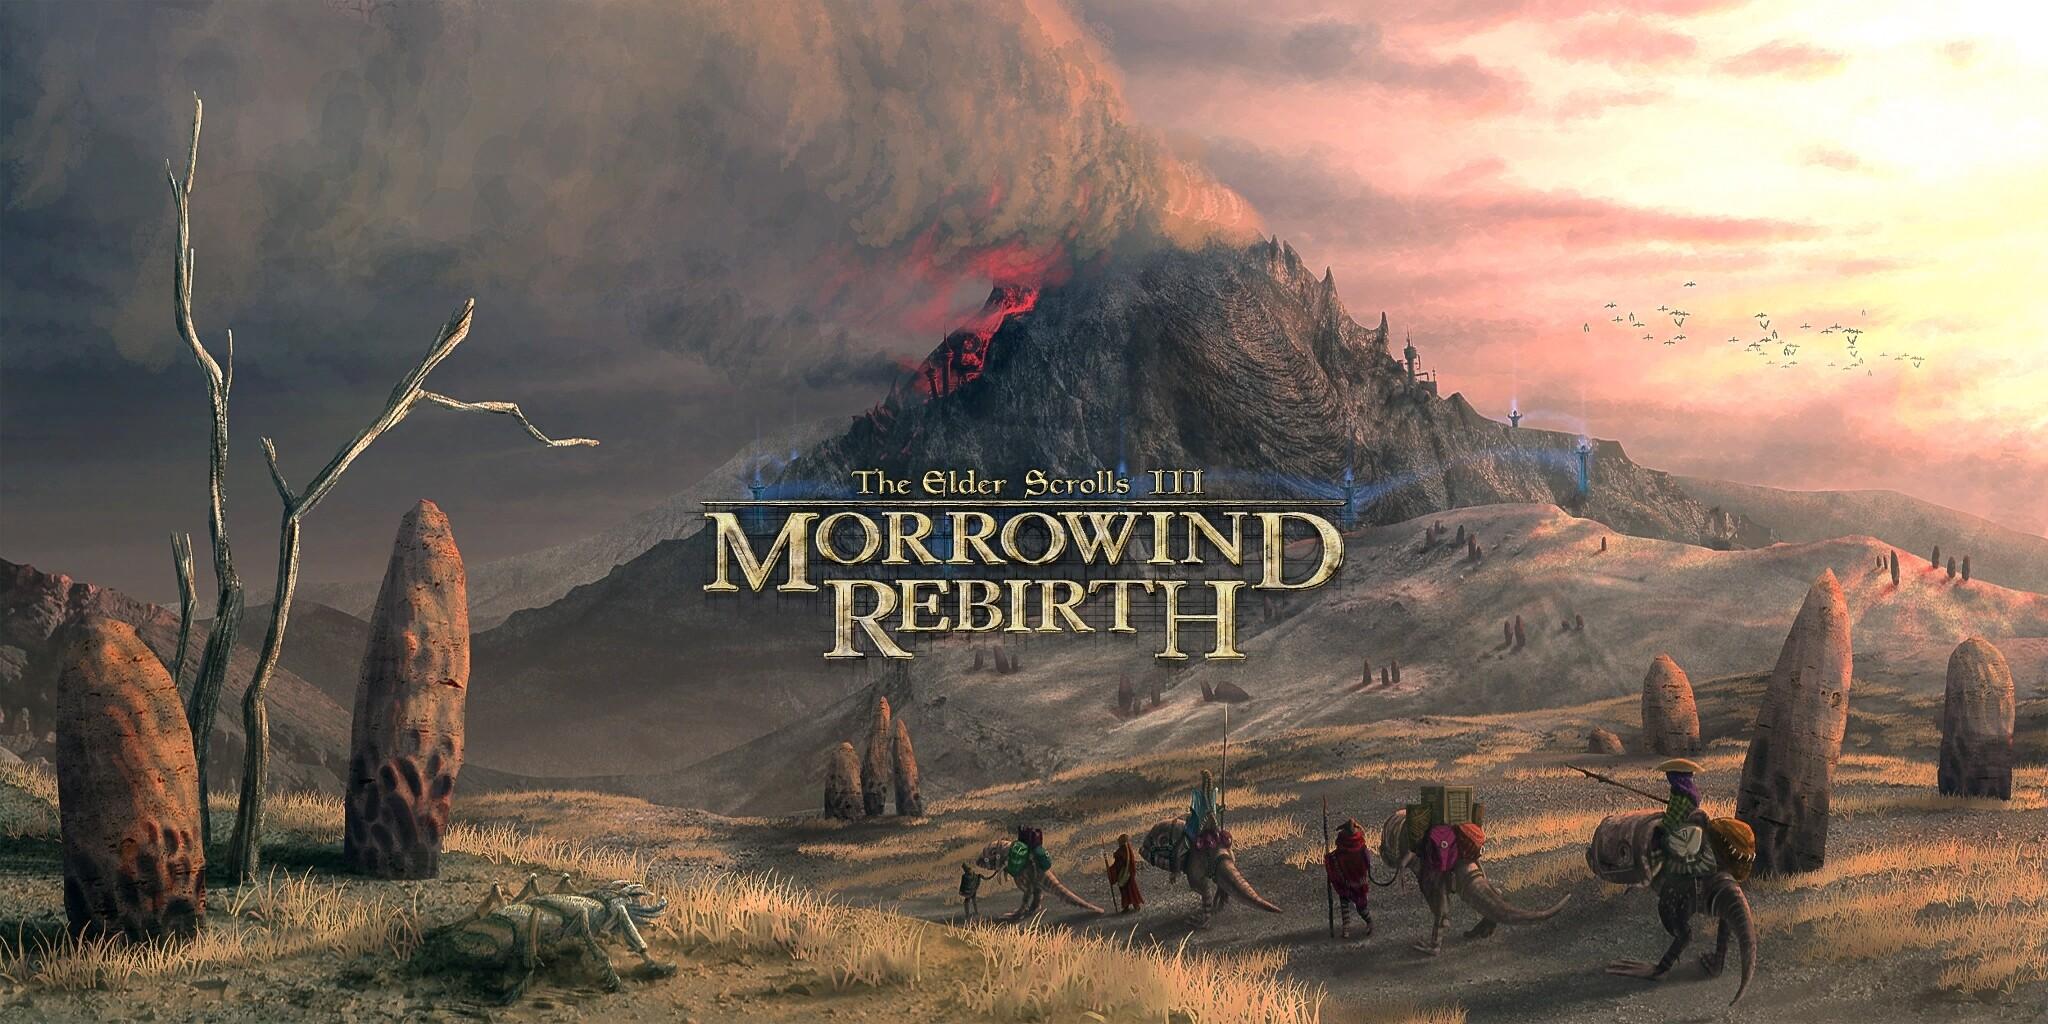 Глобальный мод Morrowind Rebirth обновился до версии 5.4